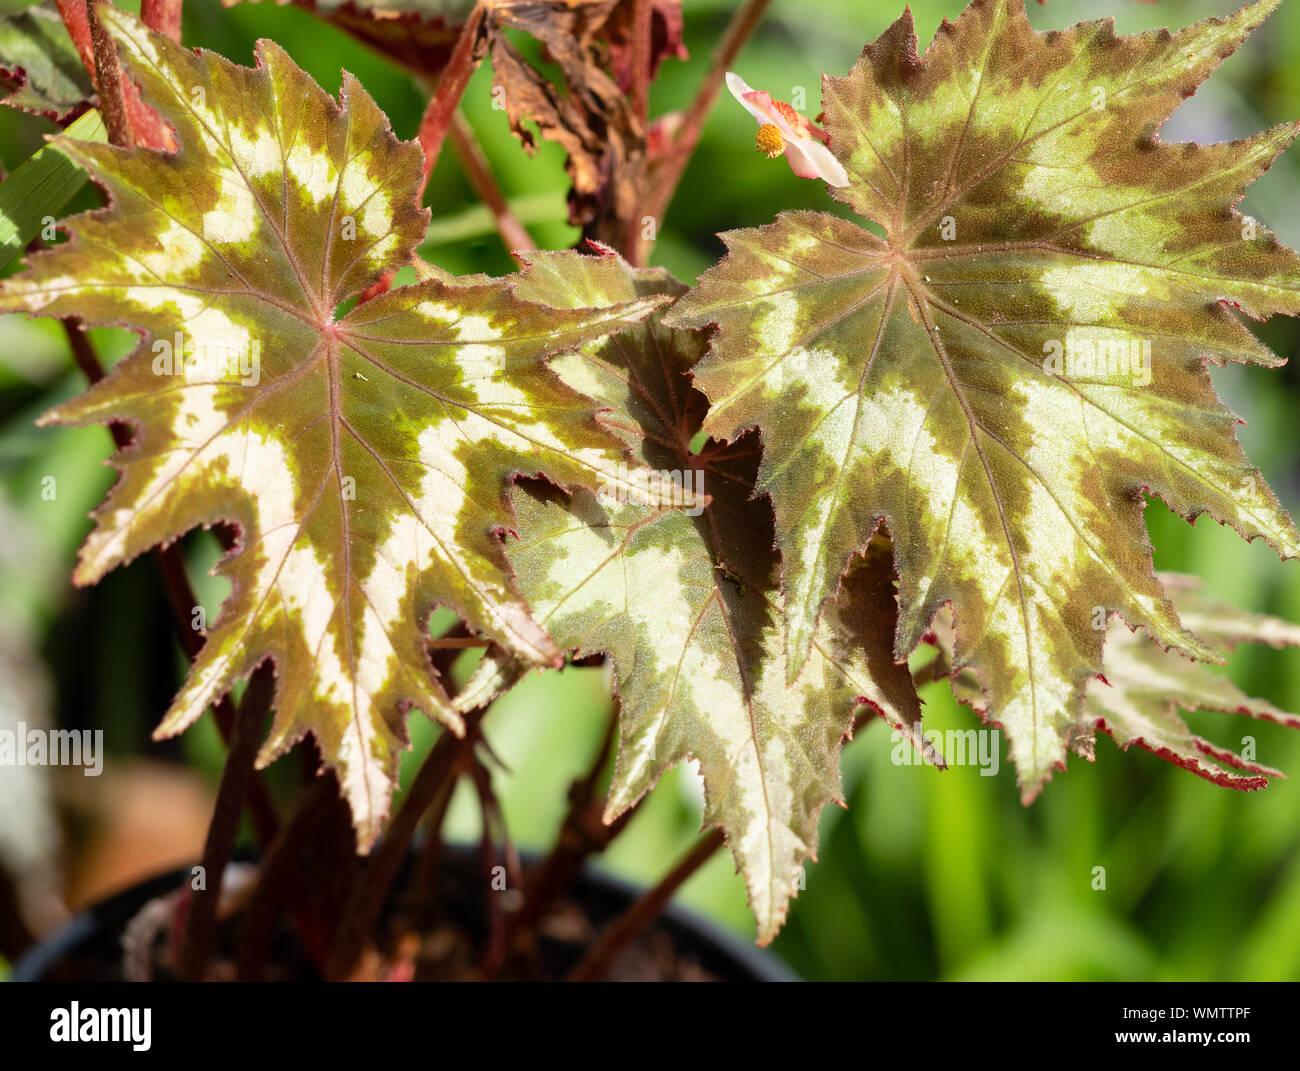 À motifs de feuillage dentelé, la moitié de la plante vivace, bégonia palmata 'tie dye' Banque D'Images